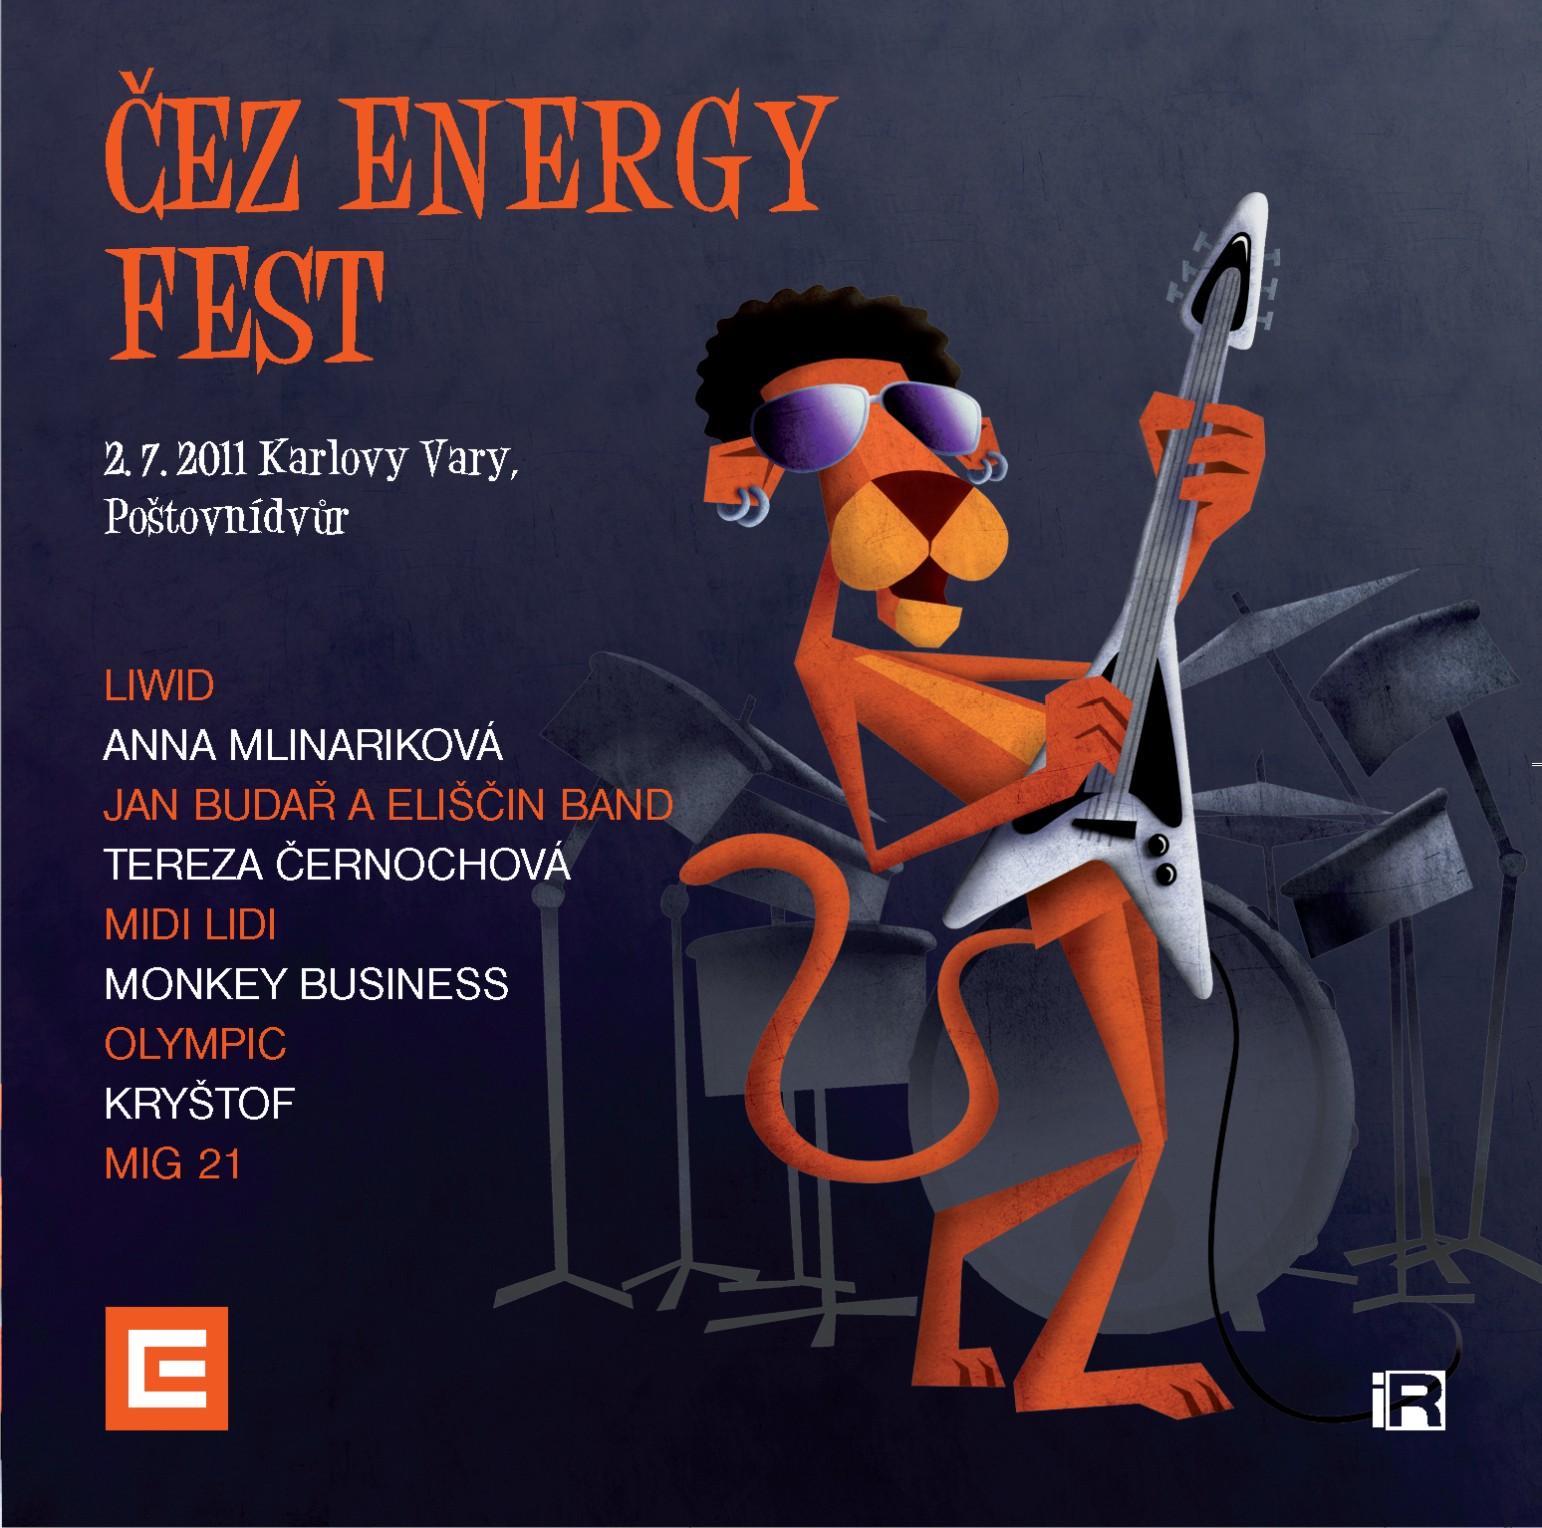 Poslechněte si CD ČEZ Energy Fest s Kryštof, Mig 21, Monkey Business a dalšími účinkujícími